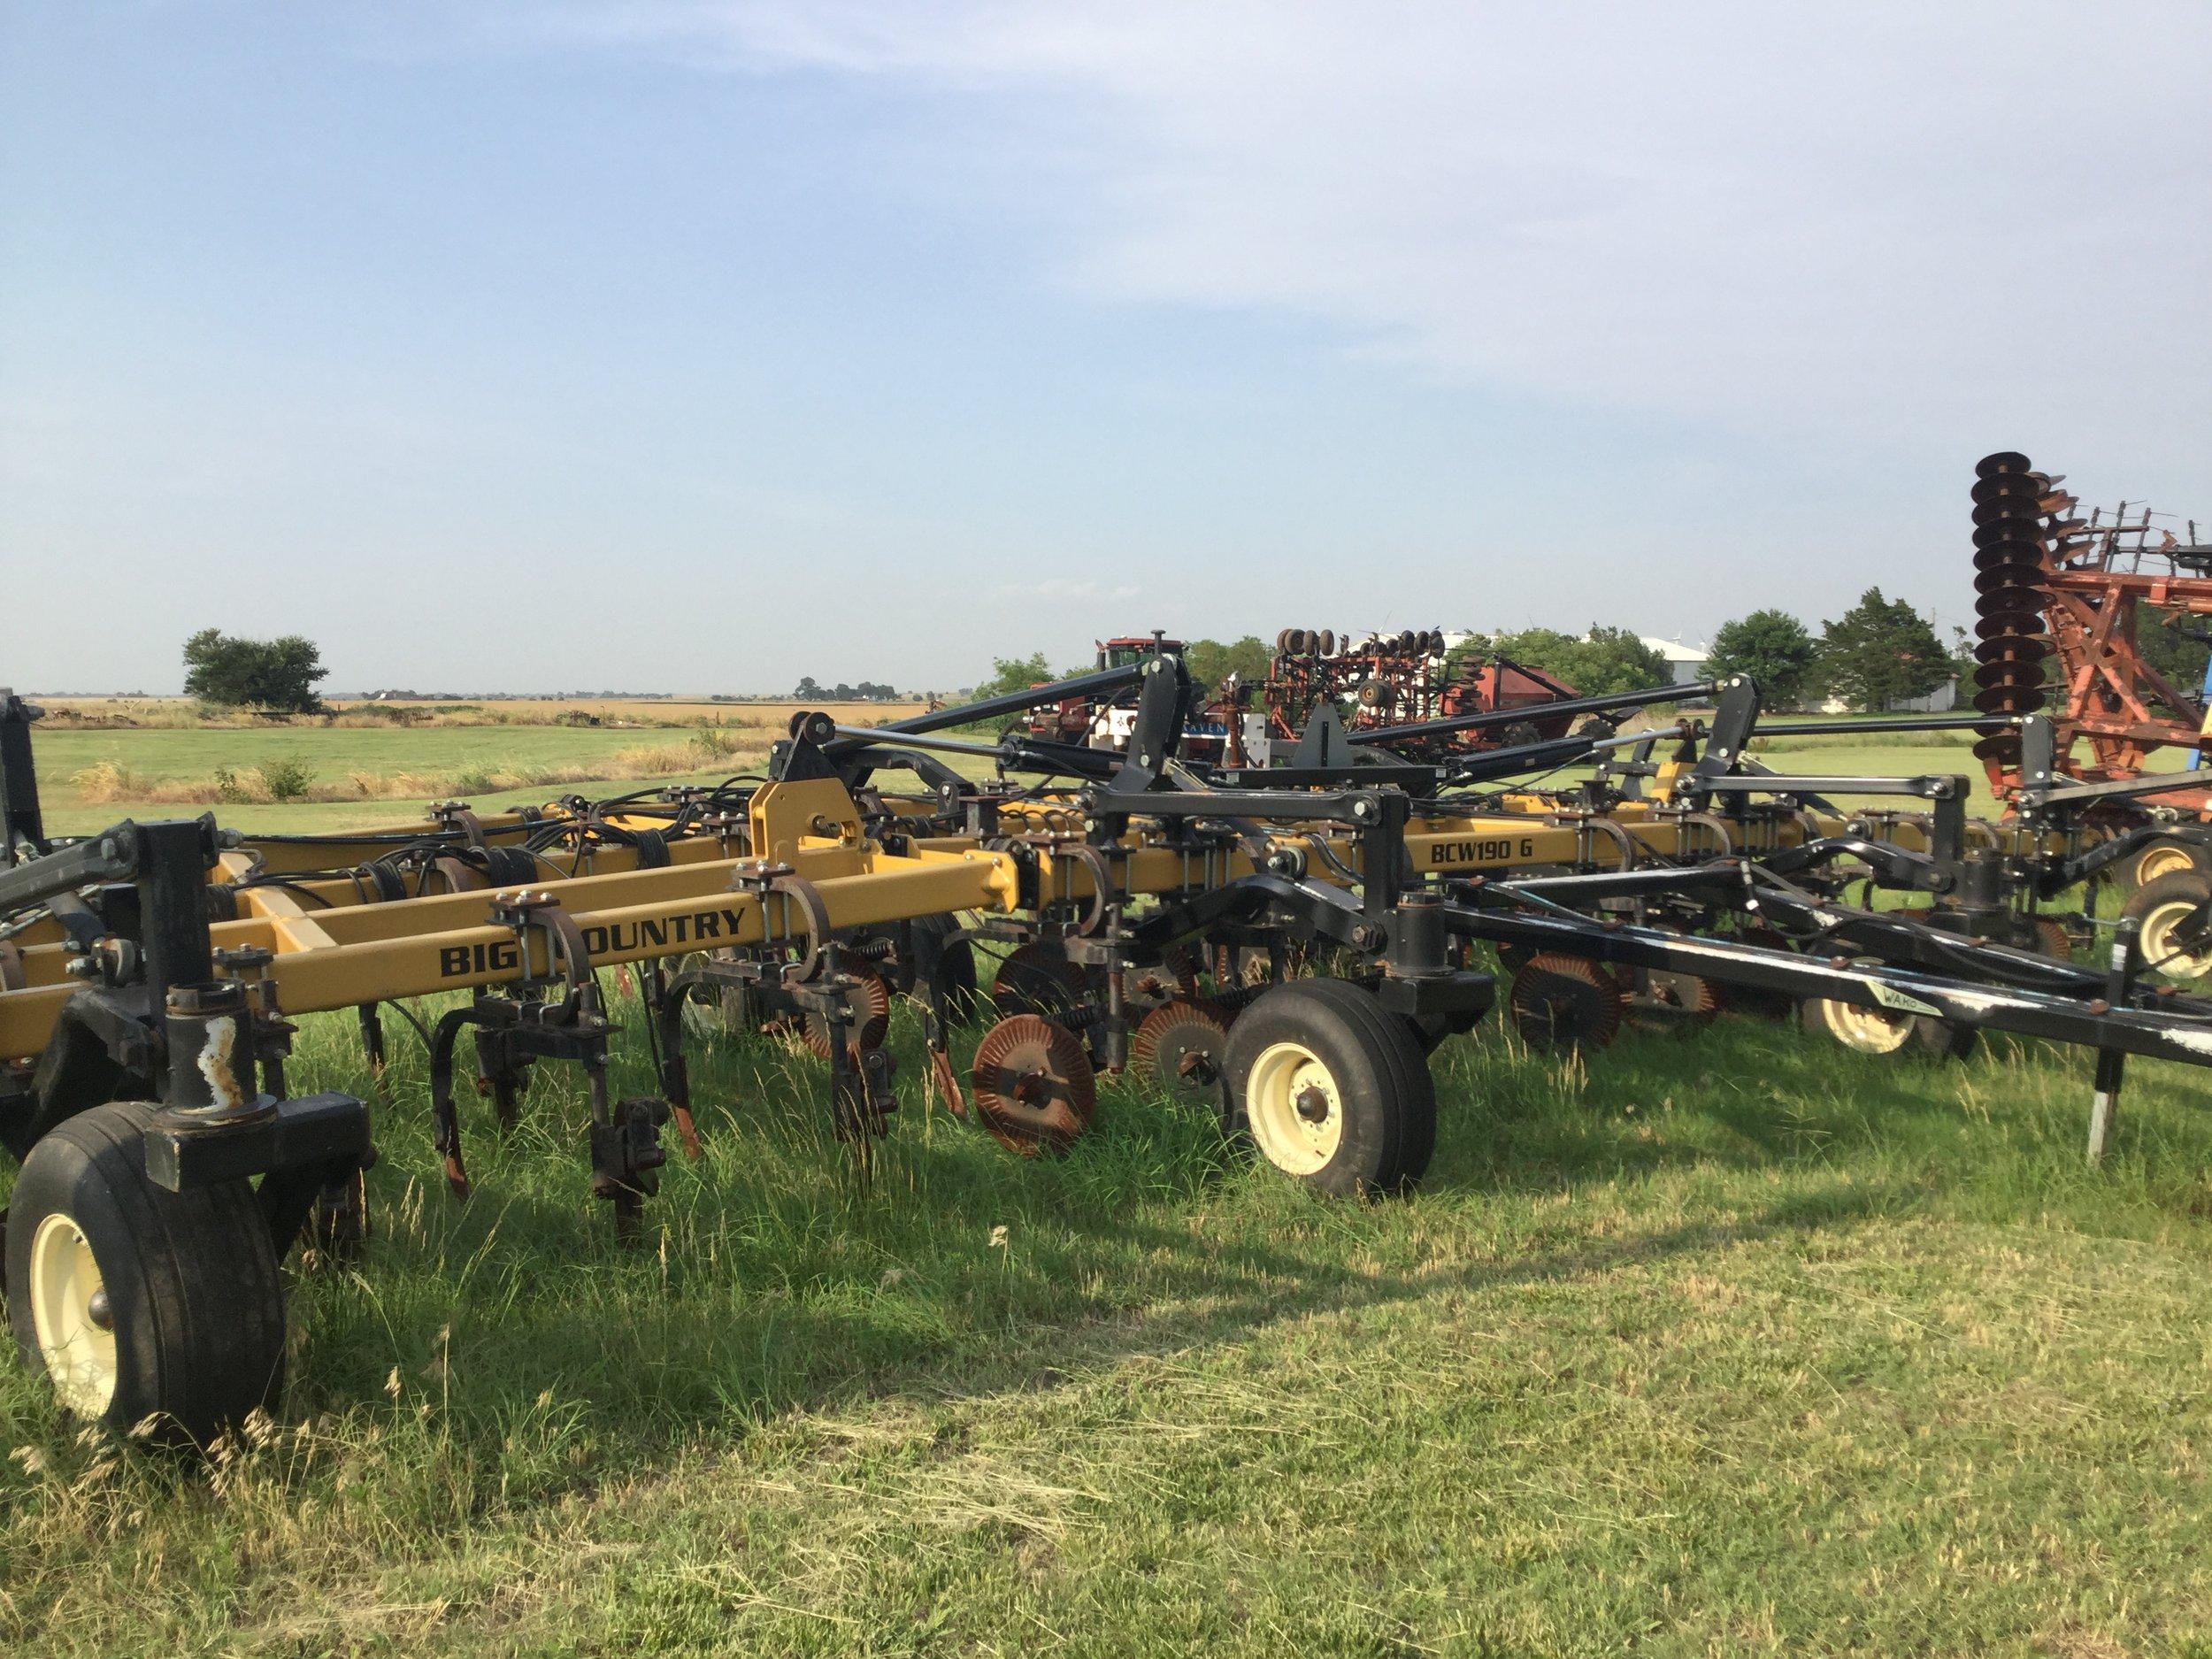 Waco Big Country 42(Like New) - $56,500